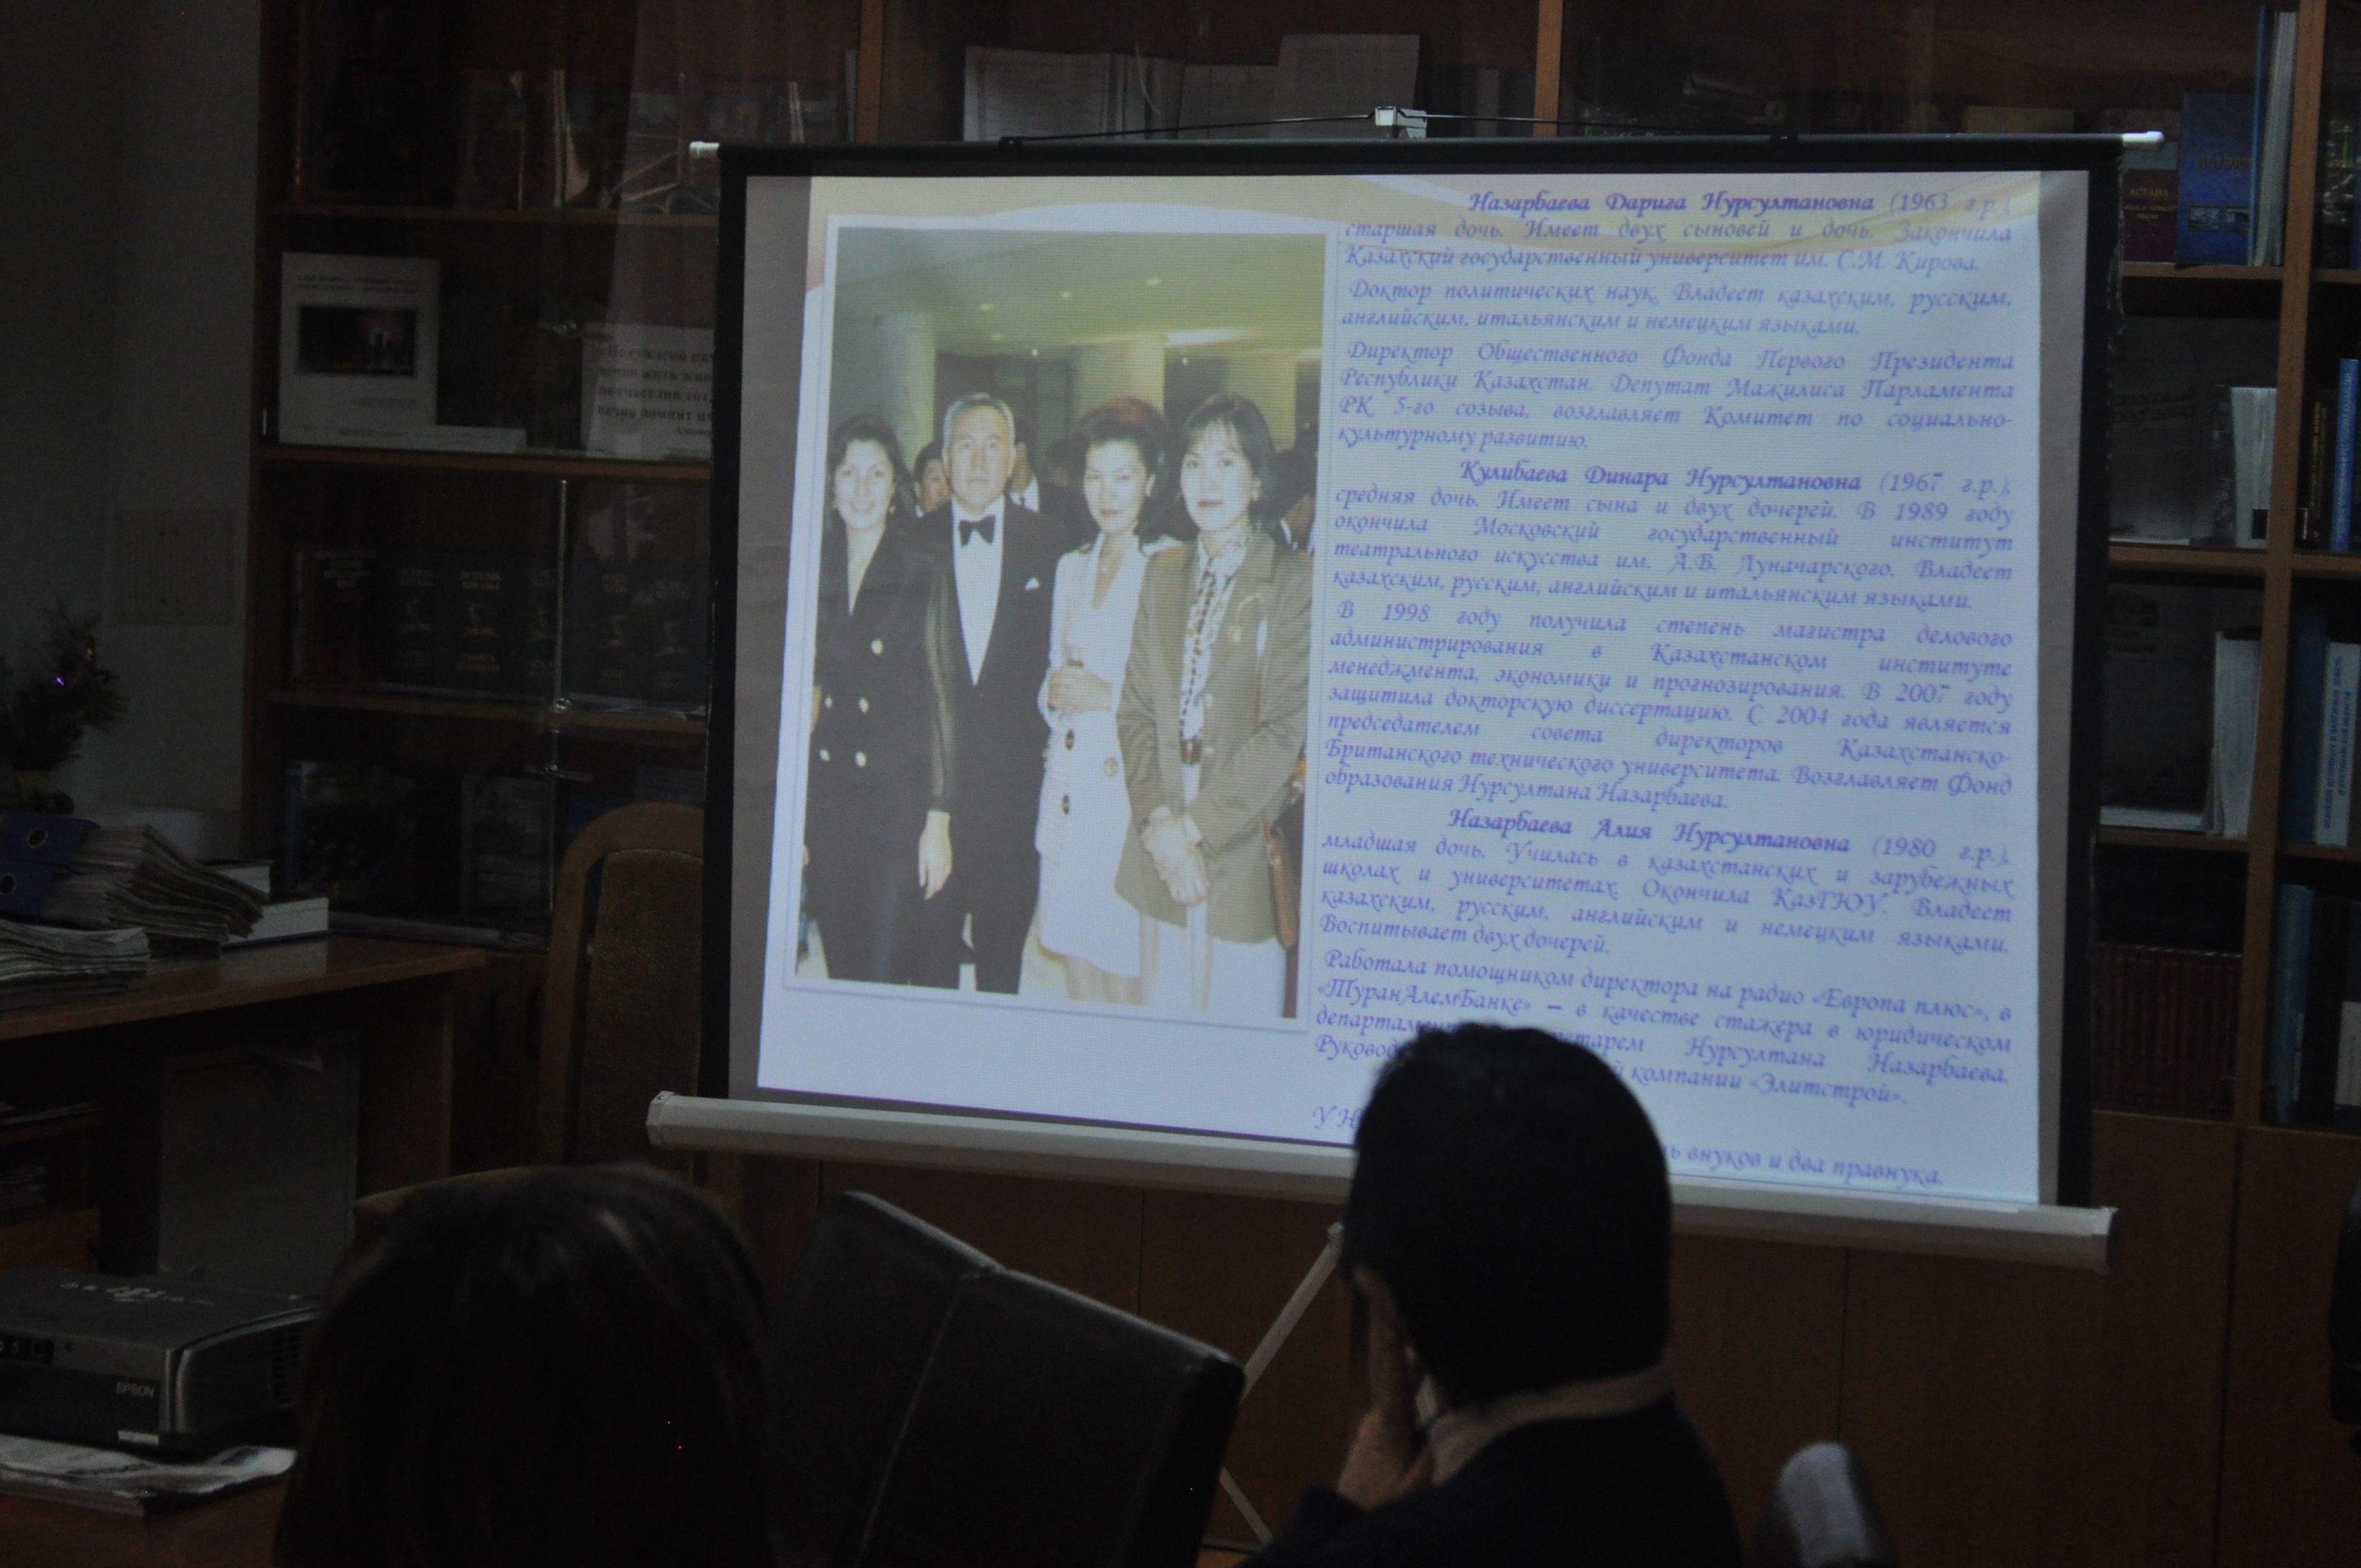 Тұңғыш Президент күніне дәріс оқылды және кітап көрмесі ұйымдастырылды